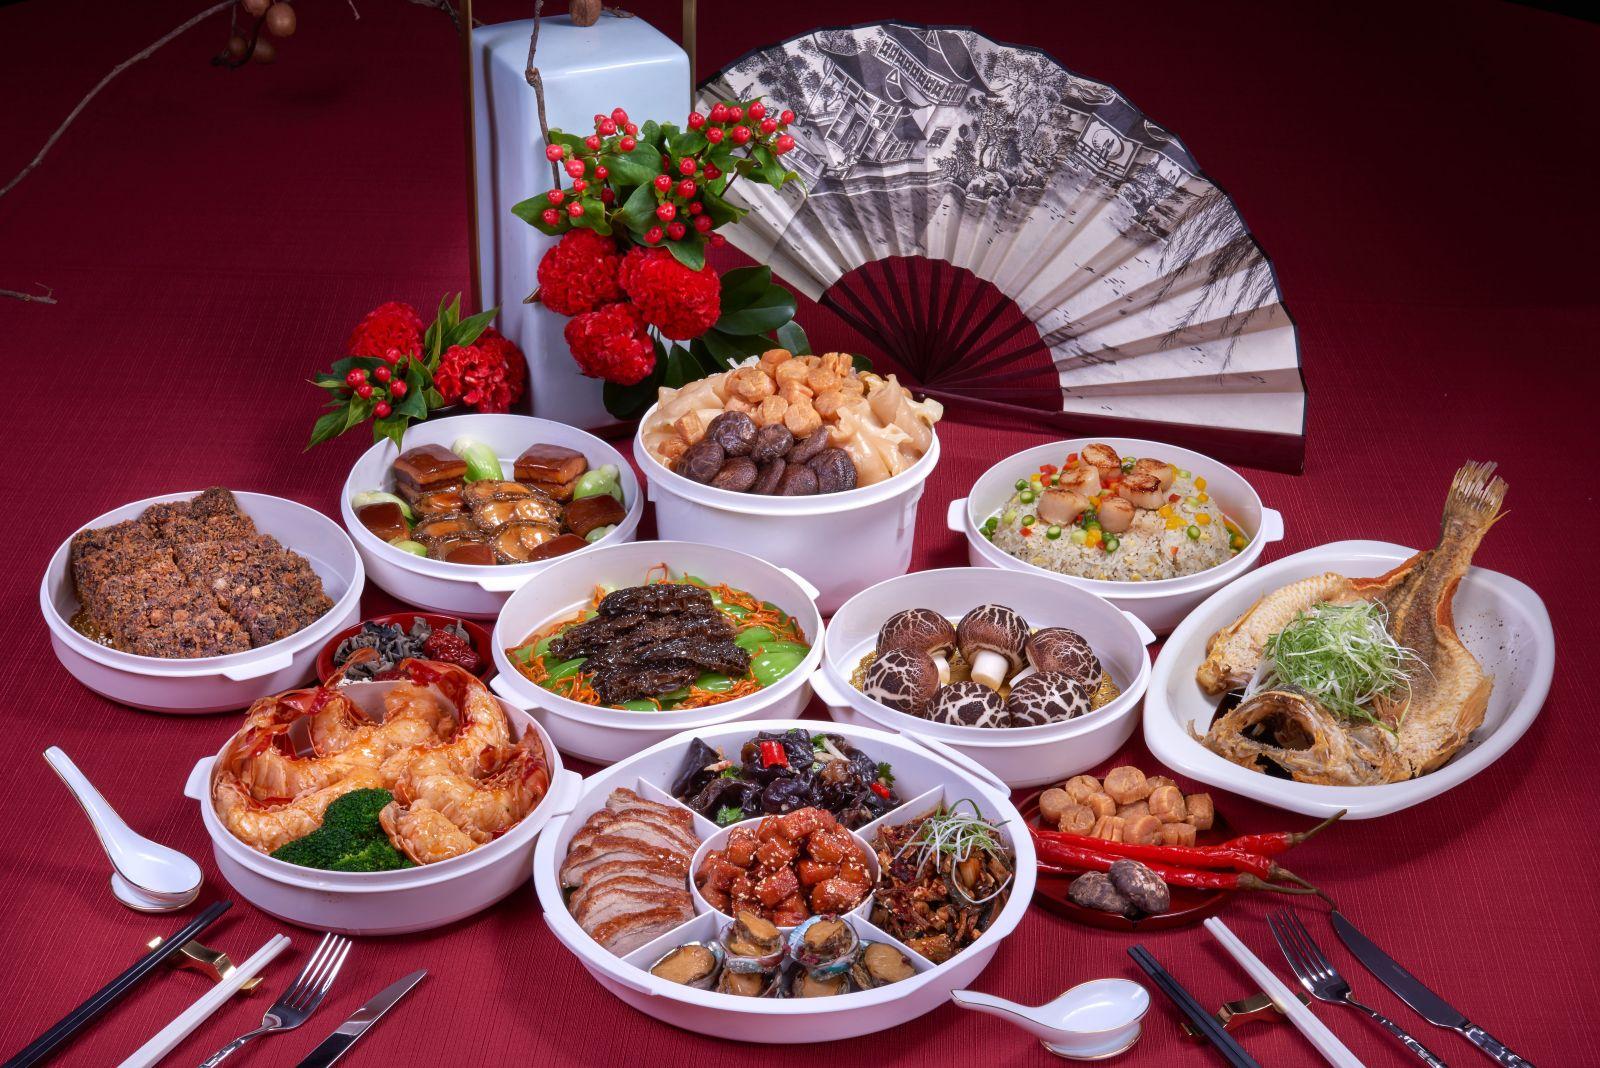 【年菜外帶】「鼠」不盡的山珍海味 台北國賓推2套年菜21道單點經典